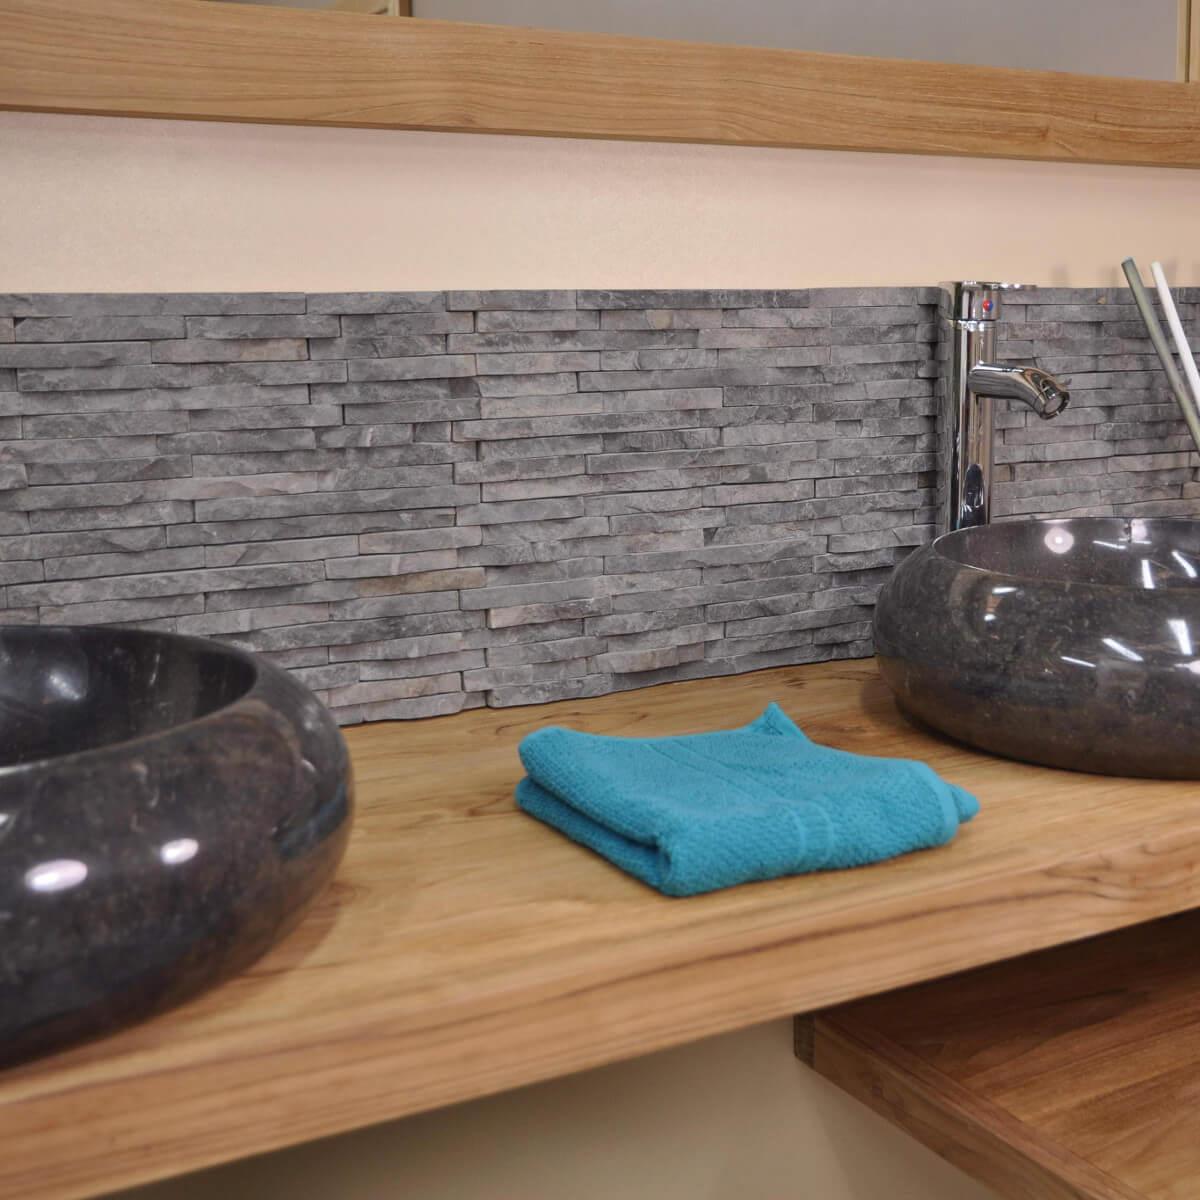 Pierre de parement grise beautiful carrelage gris couleur for Carrelage marbre reconstitue